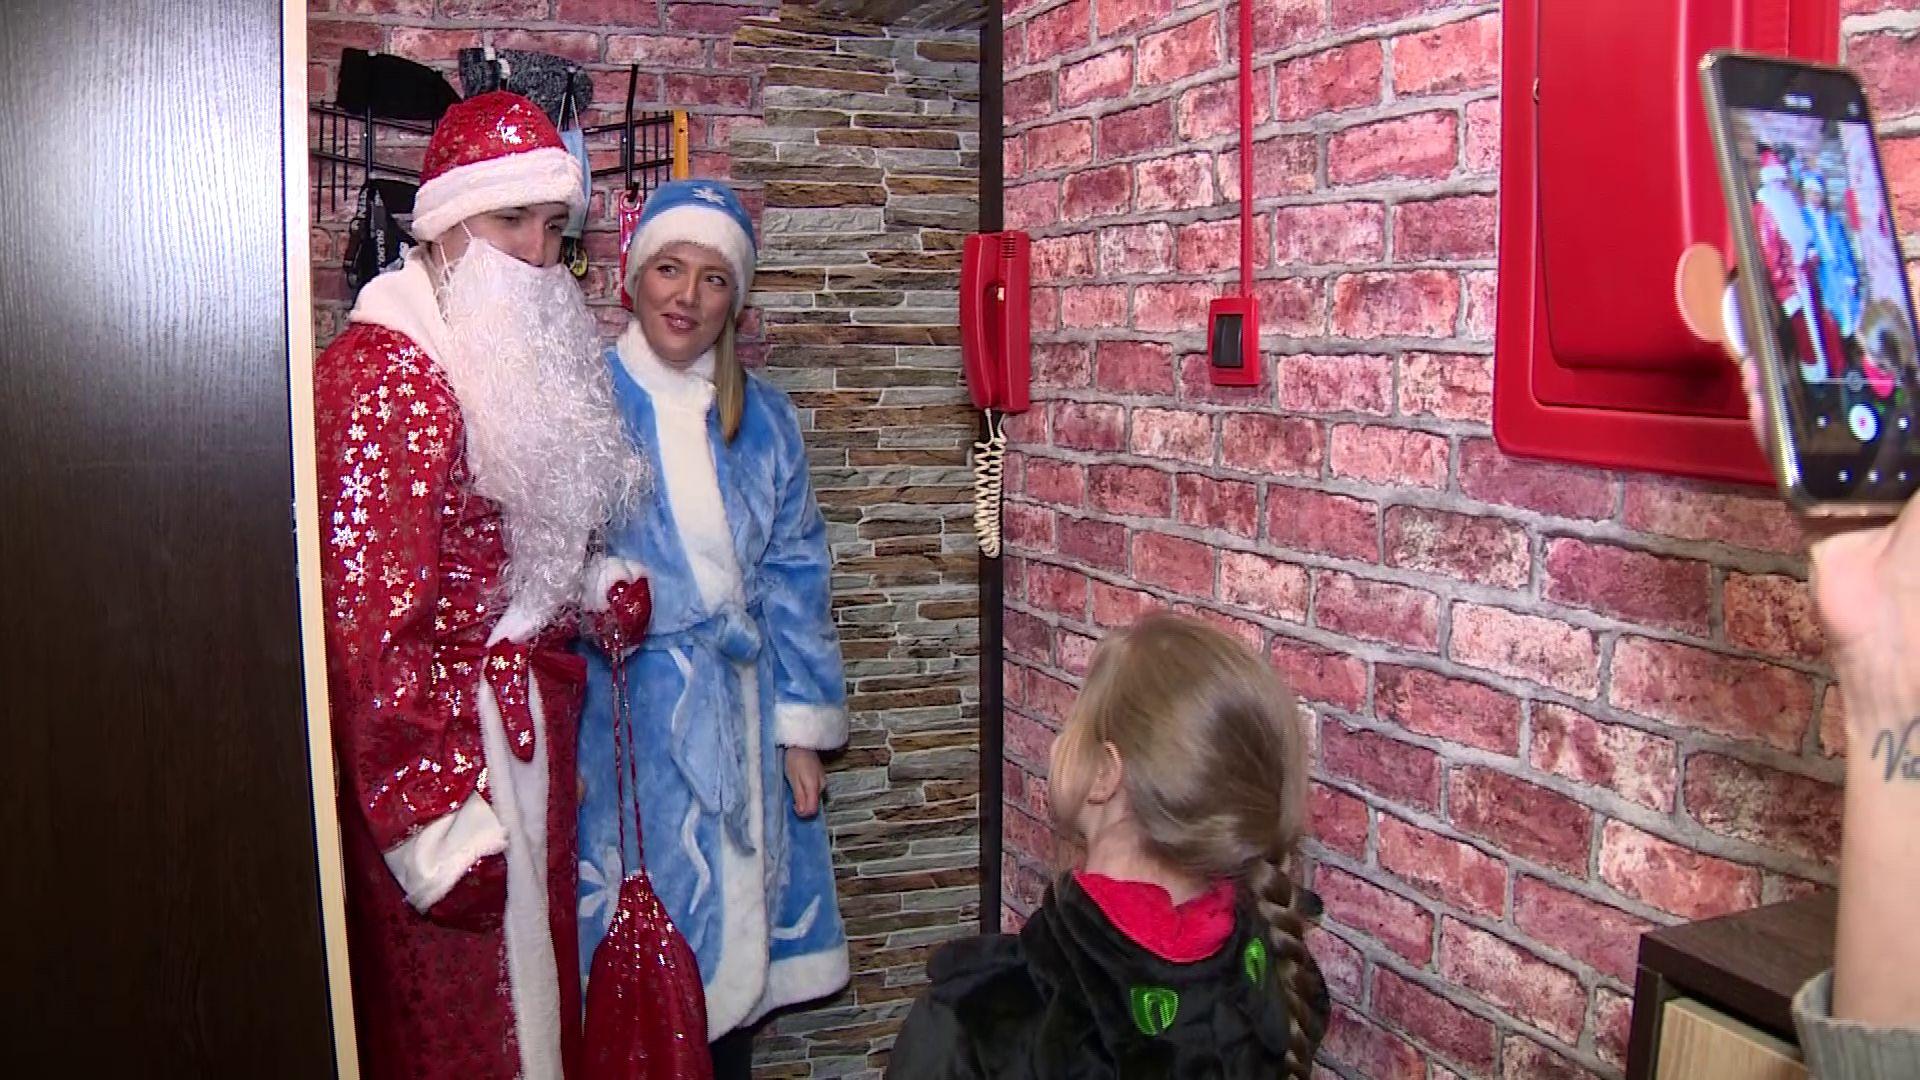 Волонтеры в костюмах Деда Мороза и Снегурочки развозят подарки по квартирам детей врачей